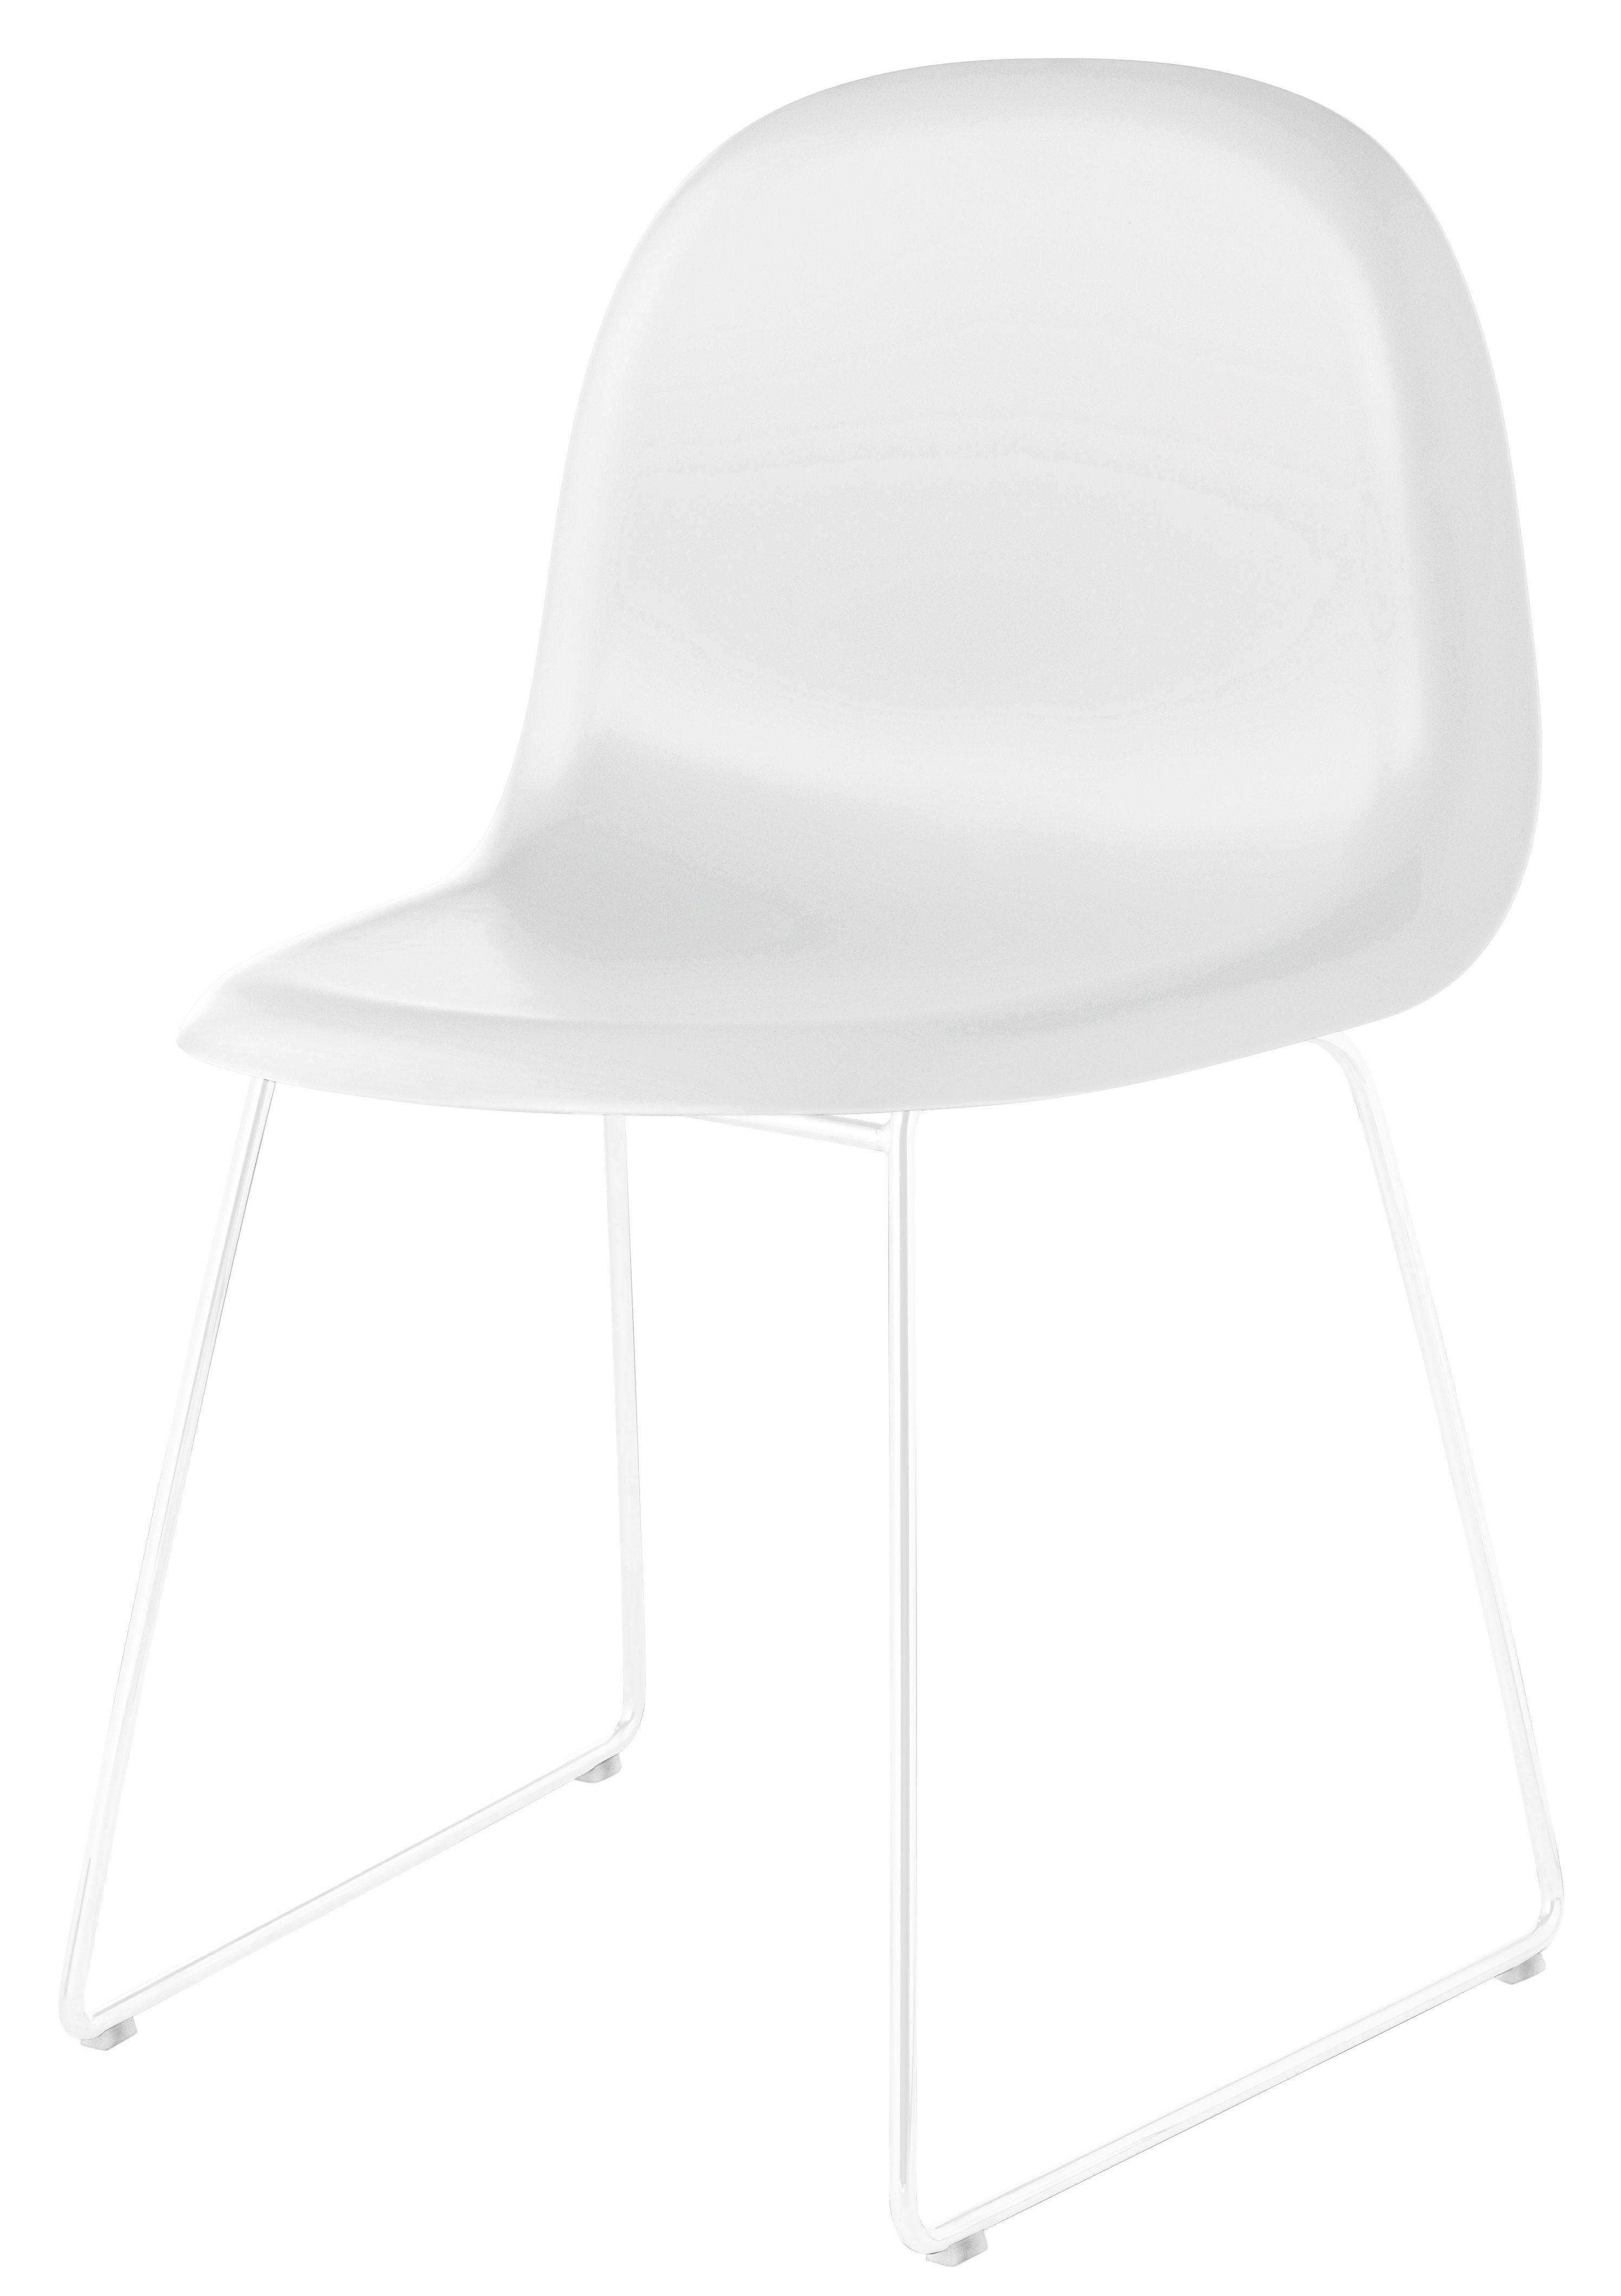 chaise gubi 1 coque plastique pieds m tal coque blanche pi tement blanc gubi. Black Bedroom Furniture Sets. Home Design Ideas